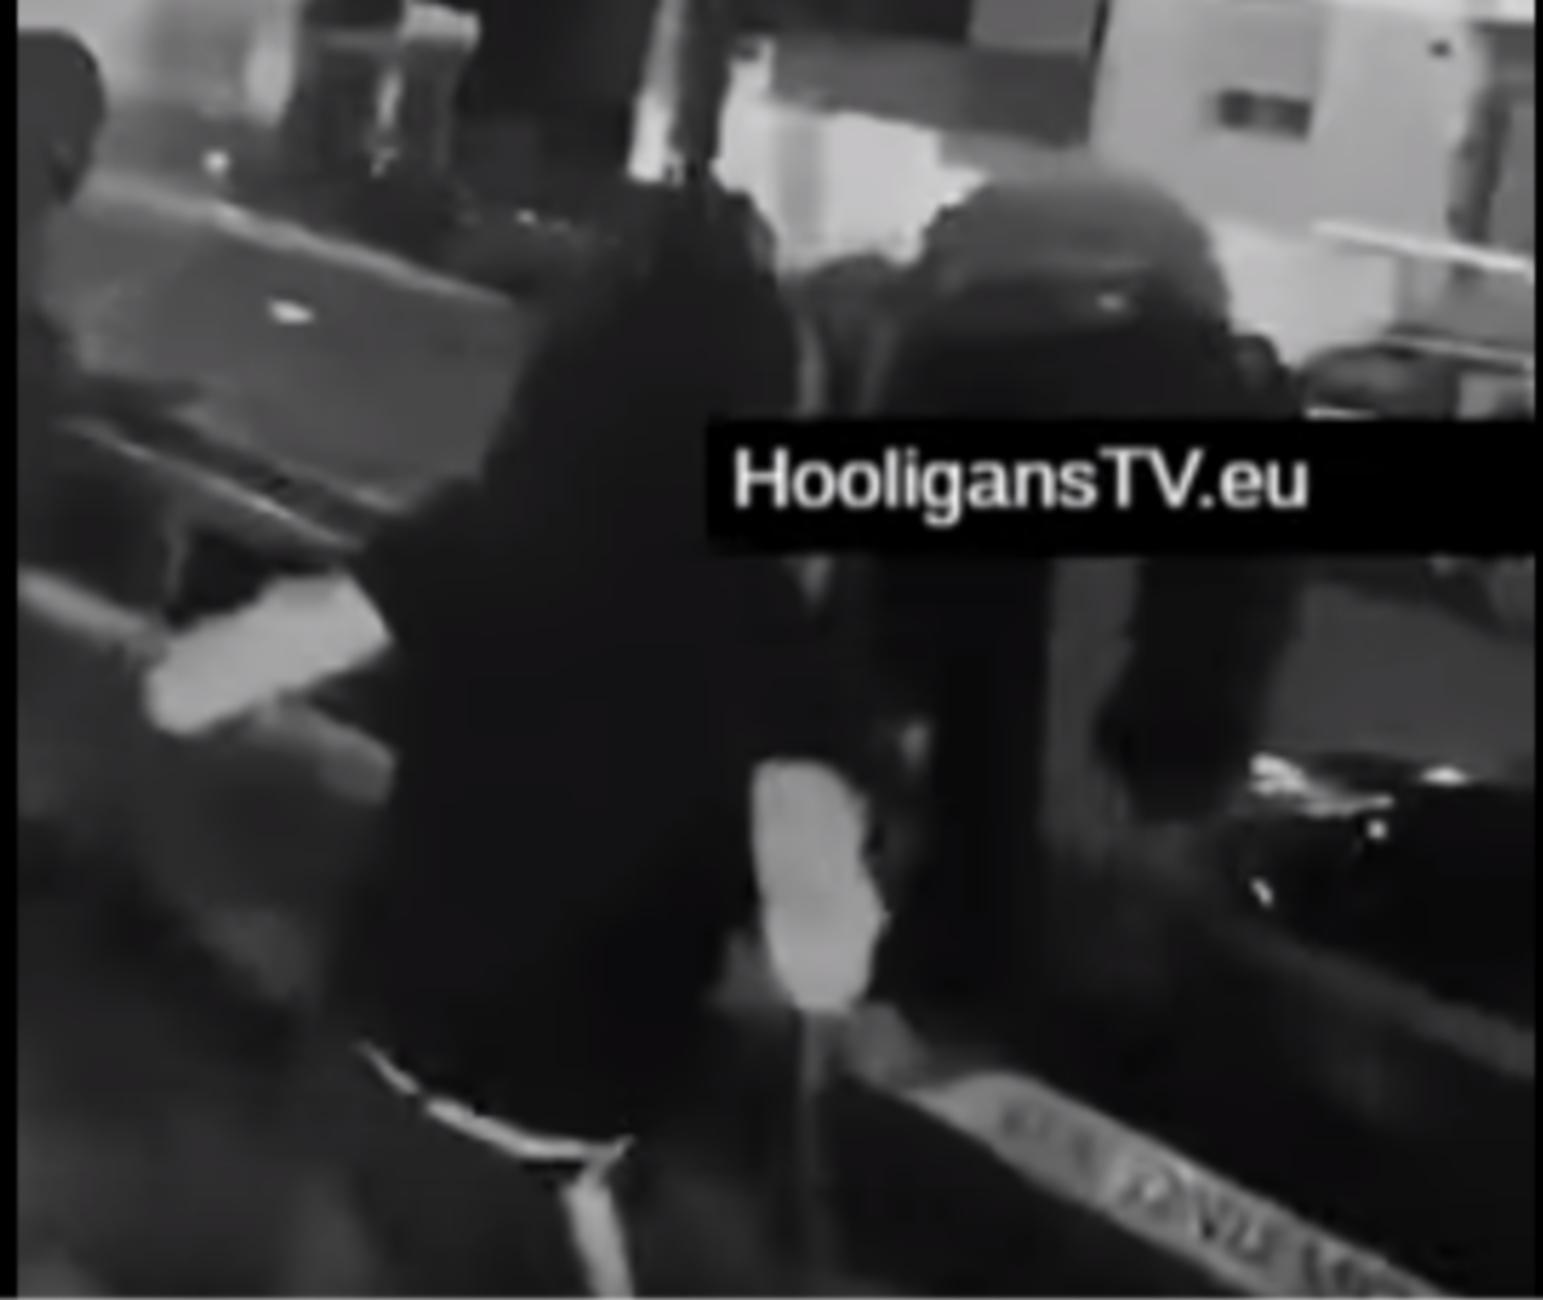 Σοκαριστικό βίντεο από τις συγκρούσεις των χούλιγκαν στα Πετράλωνα!